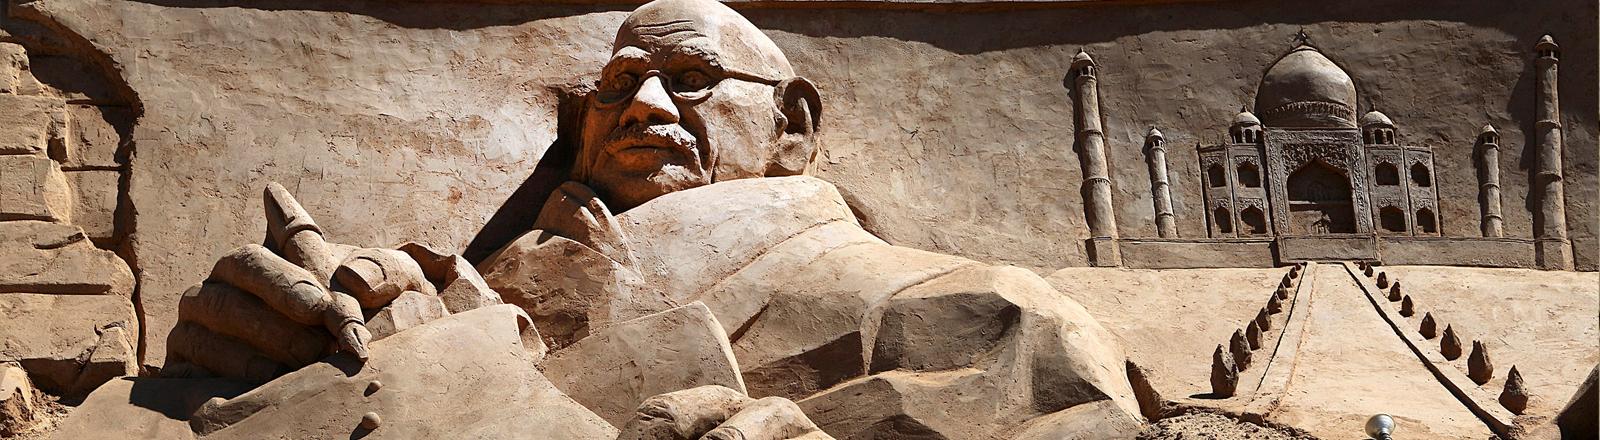 Eine Sandskulptur von Mahatma Gandhi